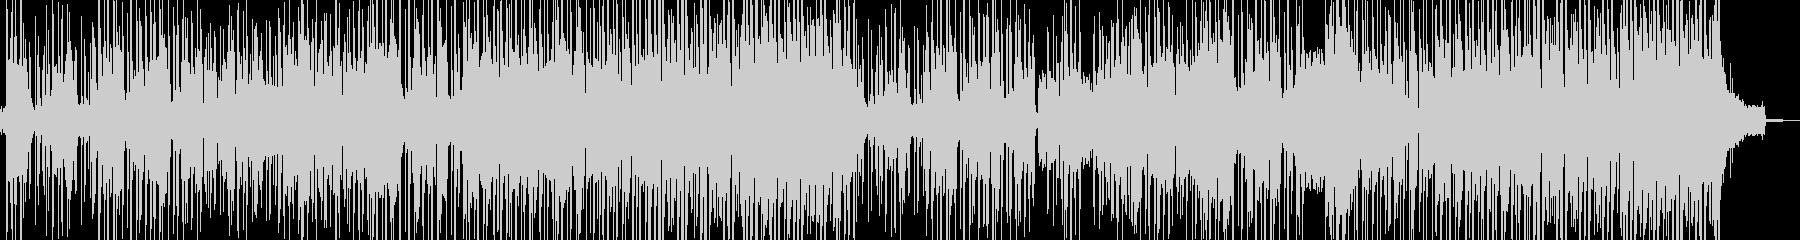 トランペットのミステリアスなBGMの未再生の波形